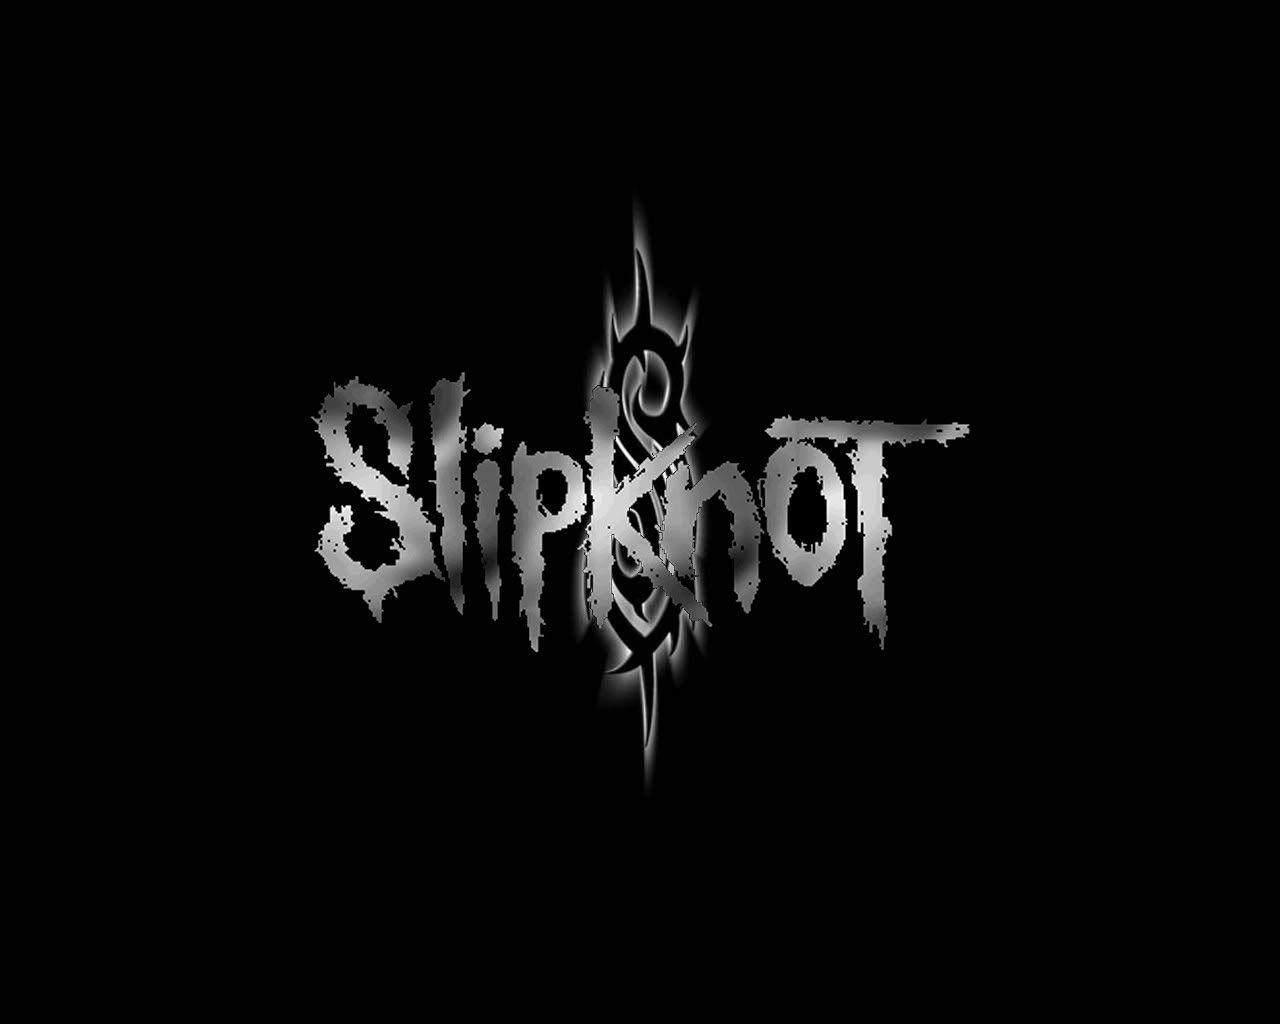 Wonderful Wallpaper Logo Slipknot - slipknot-desktop-wallpaper-8  Pictures_4866.jpg